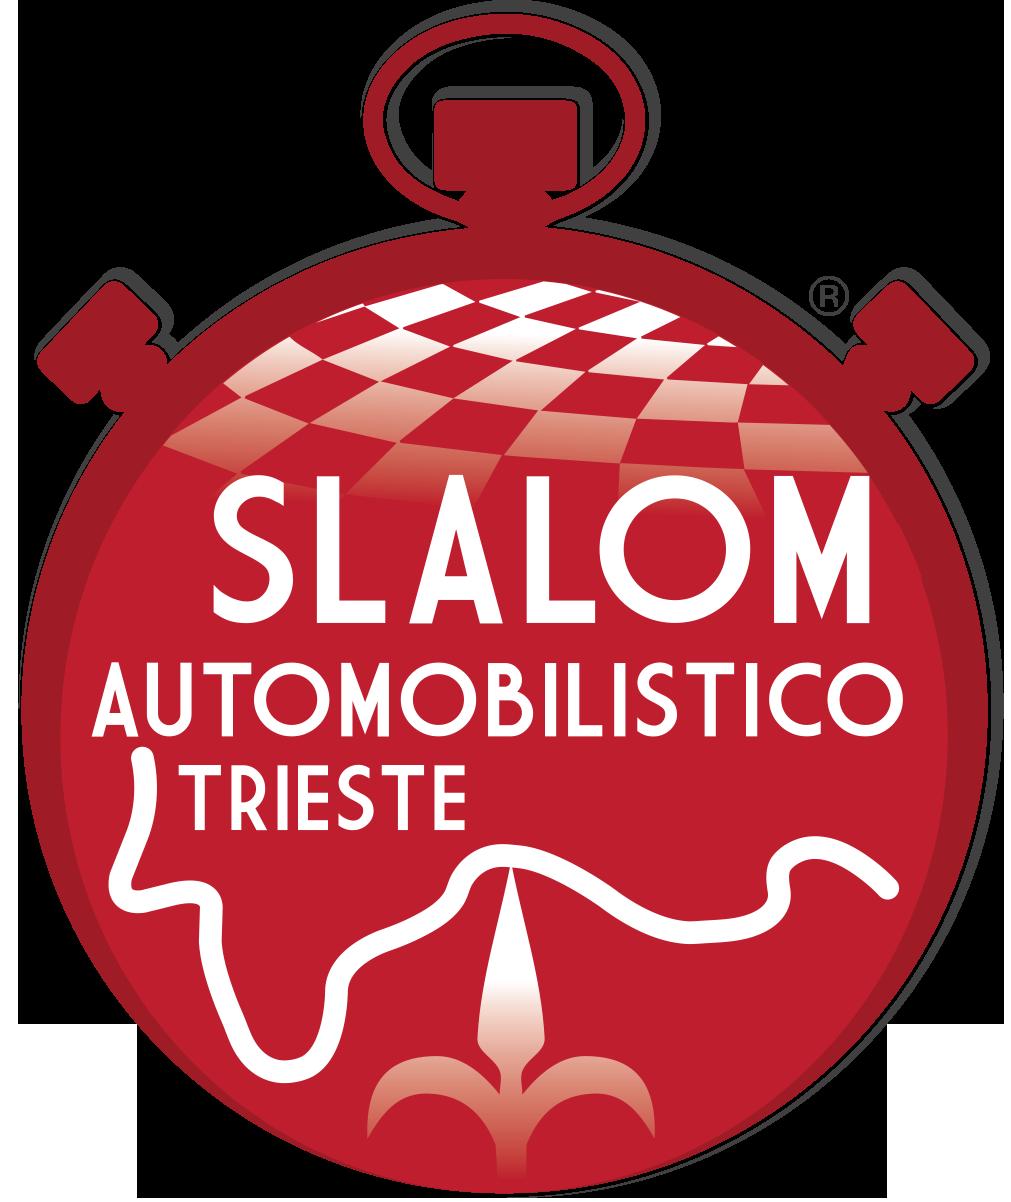 Primo Slalom Trieste